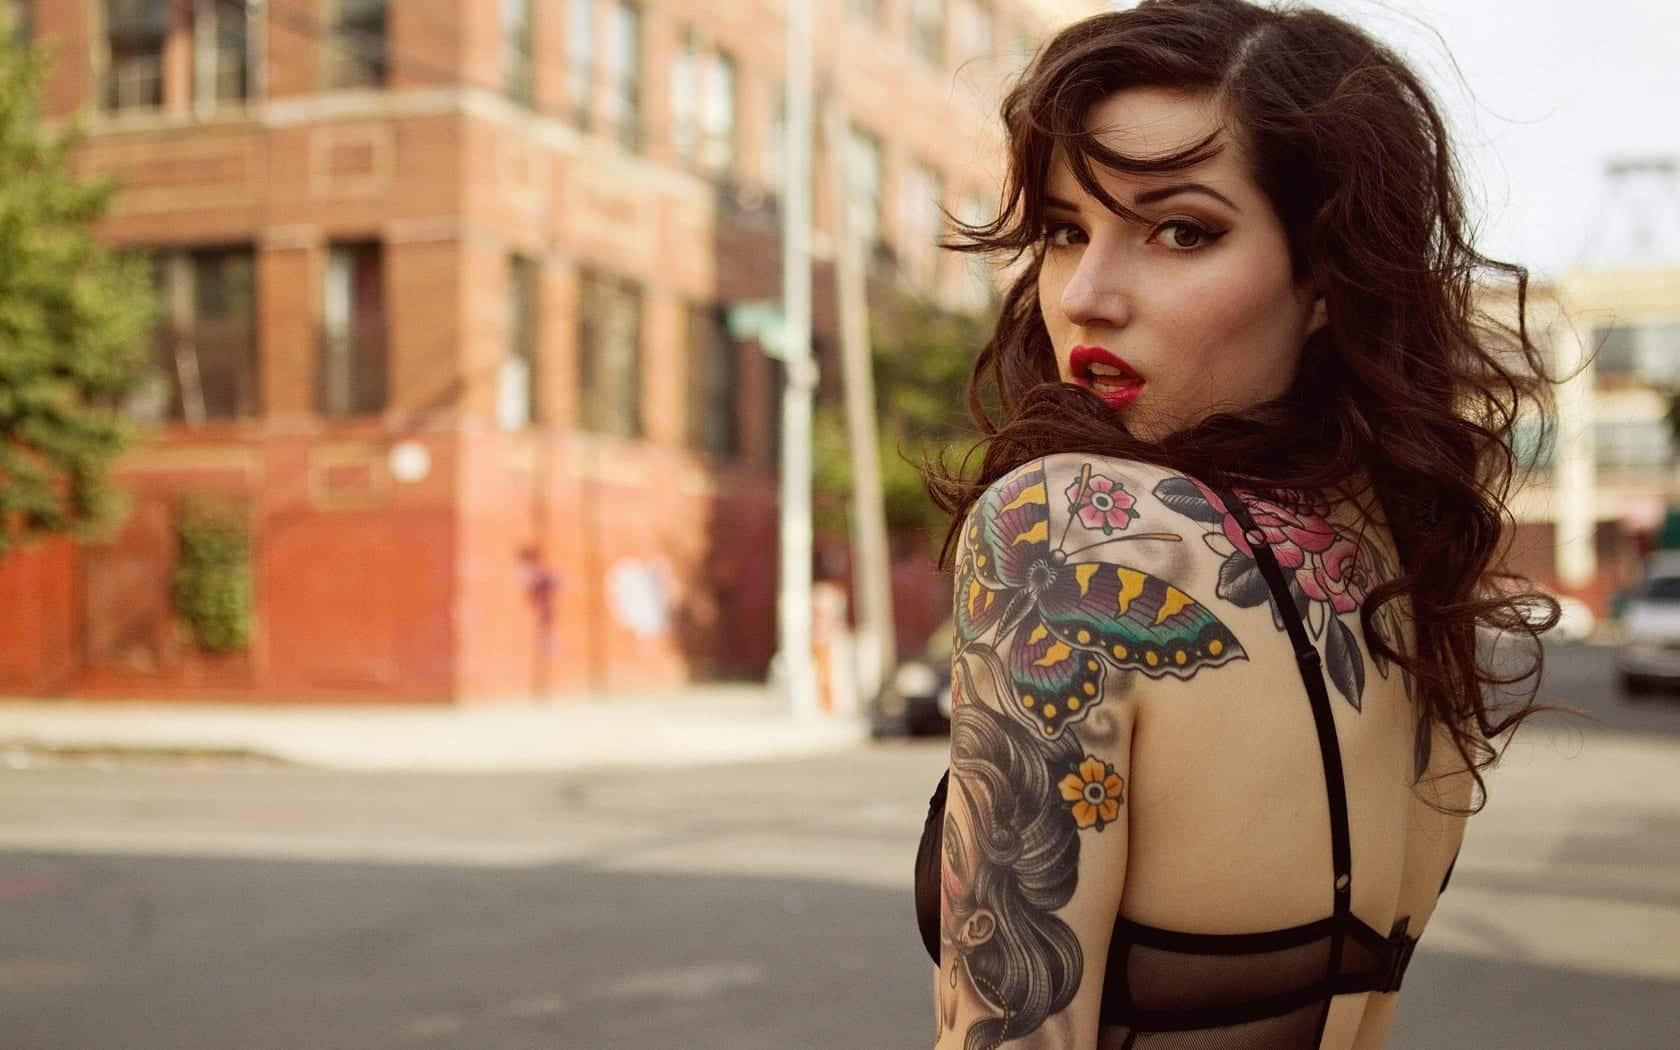 Cuidados com a tatuagem - Como cuidar durante e após a cicatrização